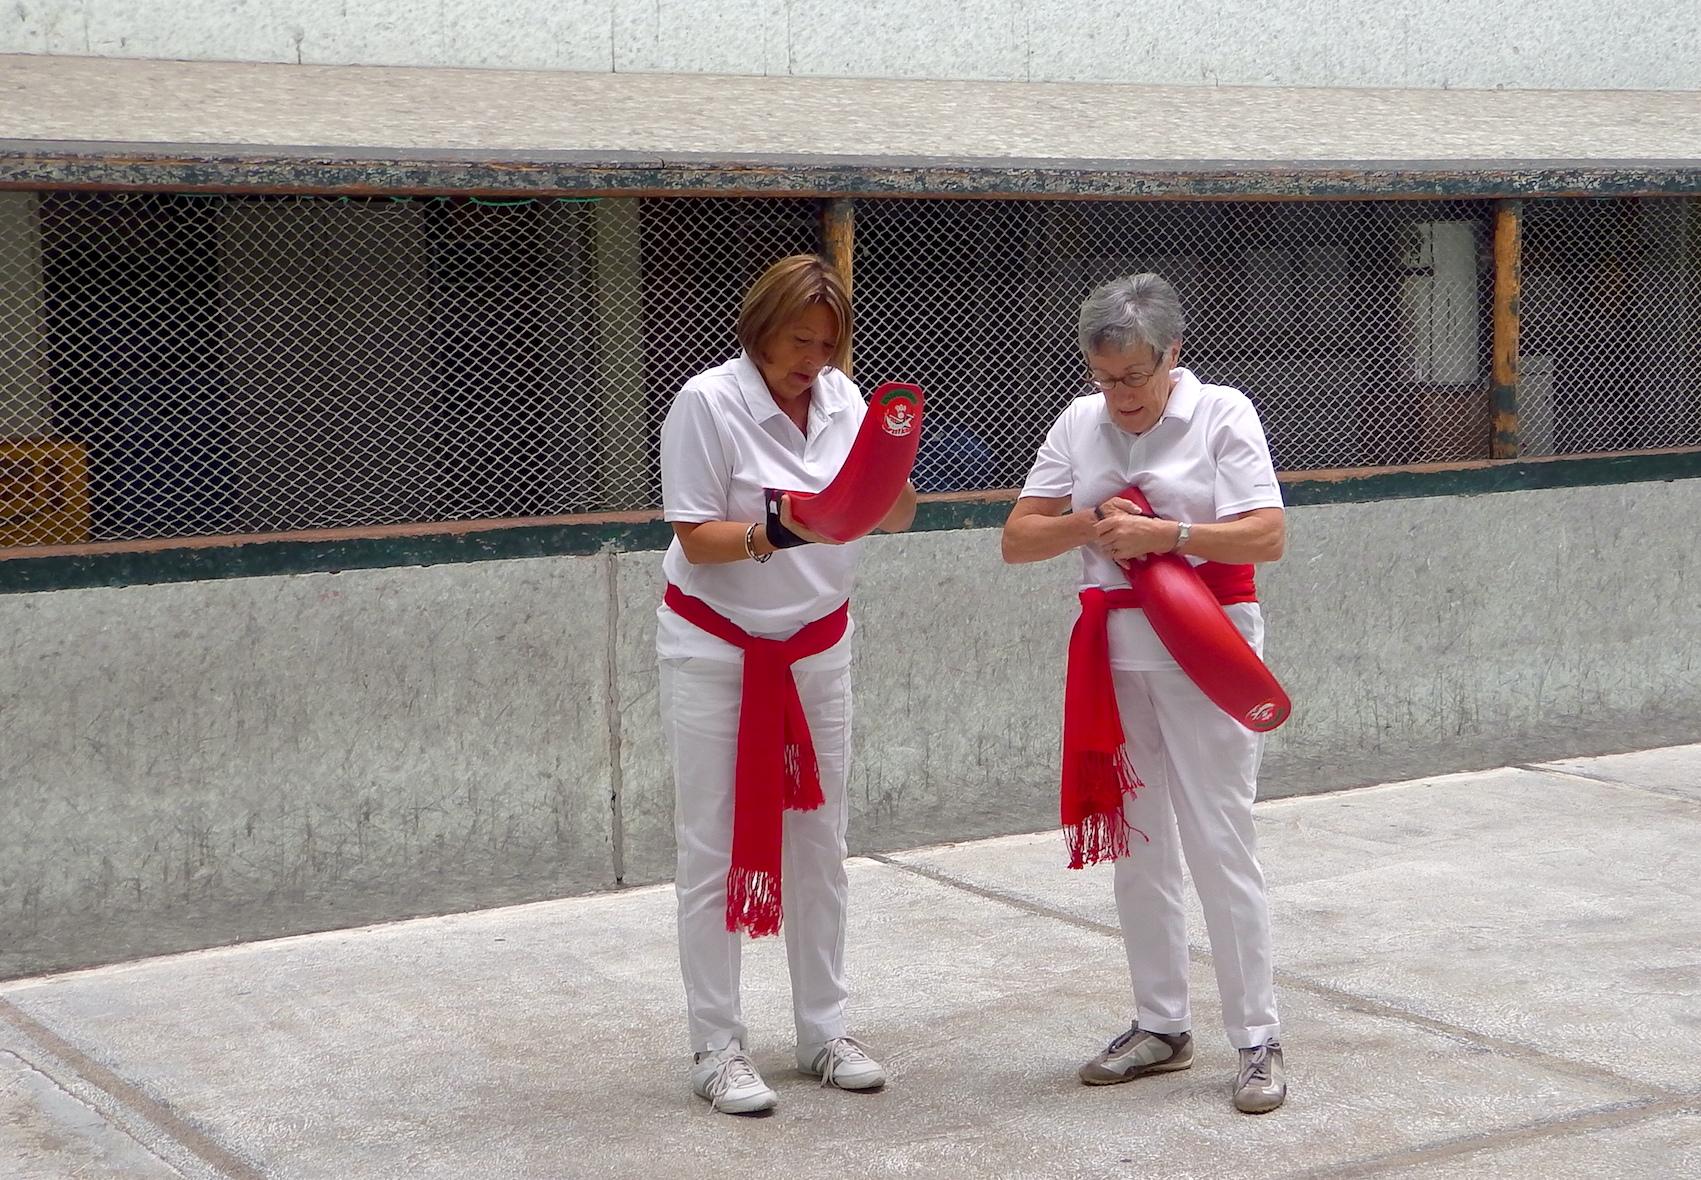 journée-visite-saint-jean-de-luz-agence-voyage-pays-basque-initiation-pelote-basque-8